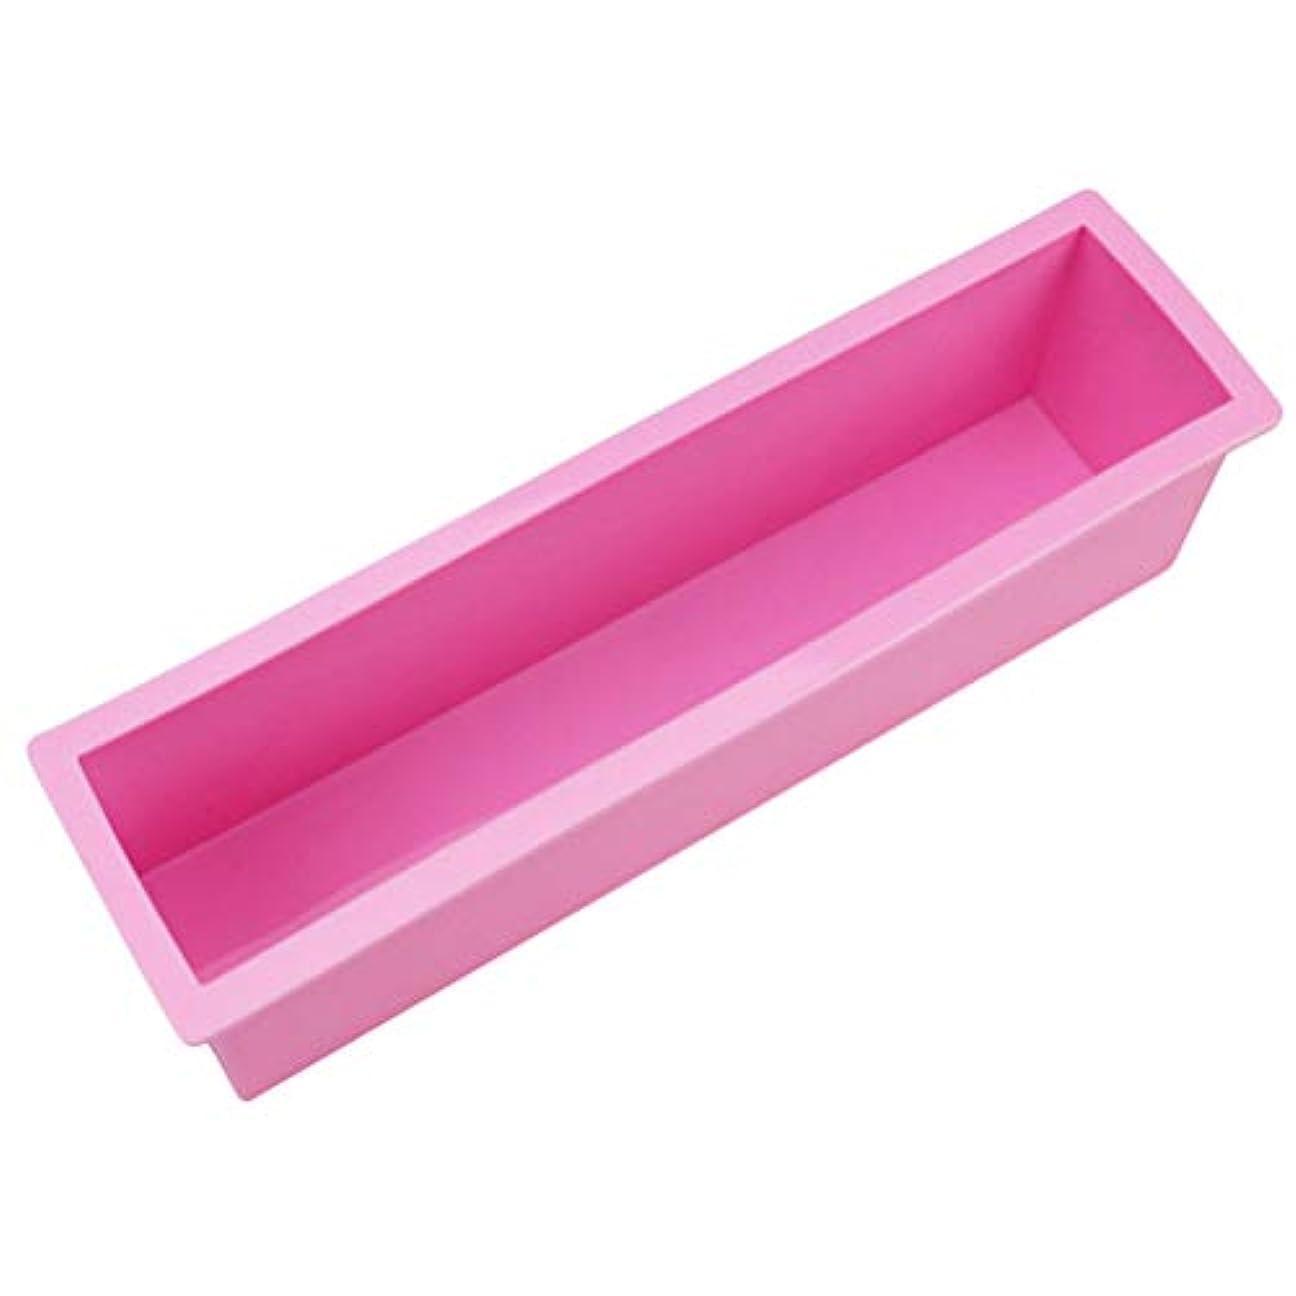 住所十代バルブYardwe 石鹸ケーキミートローフ用品のための柔軟な長方形のシリコンソープモールドロープ(ランダムカラー)サイズL